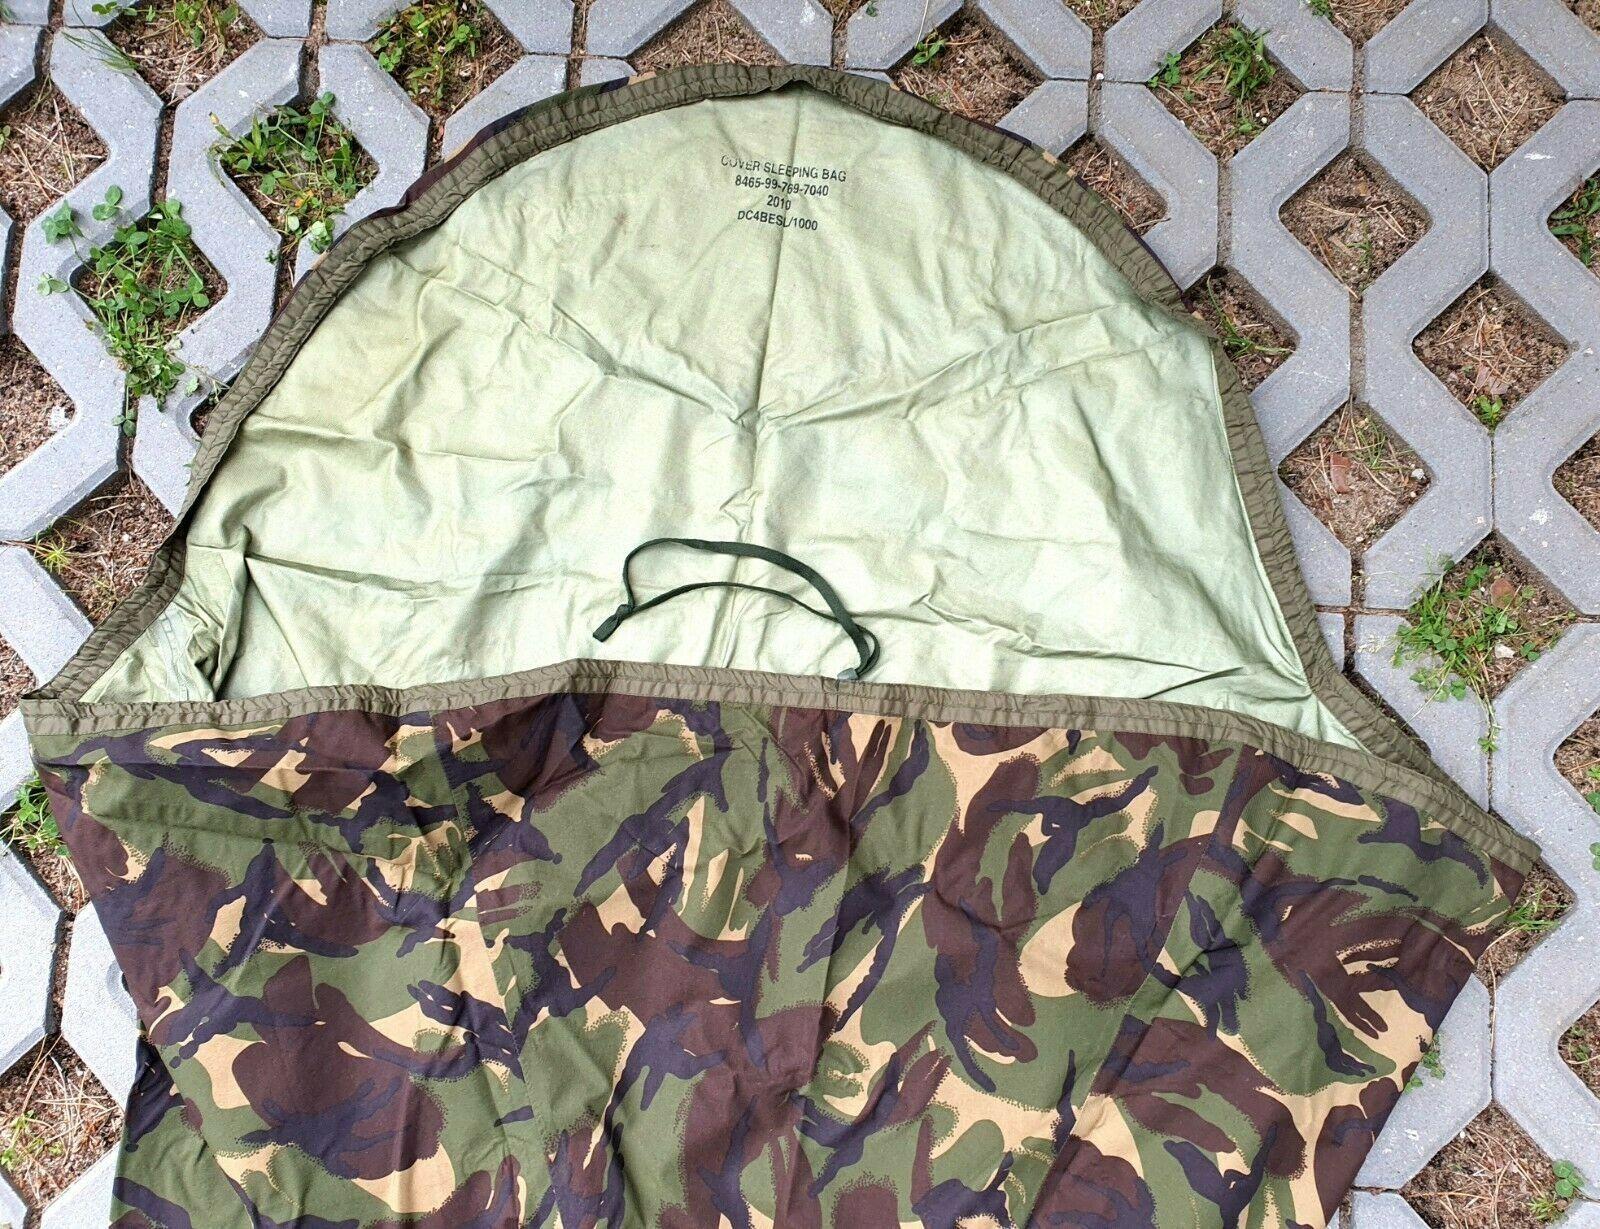 чехол на спальный мешок, армии Британии